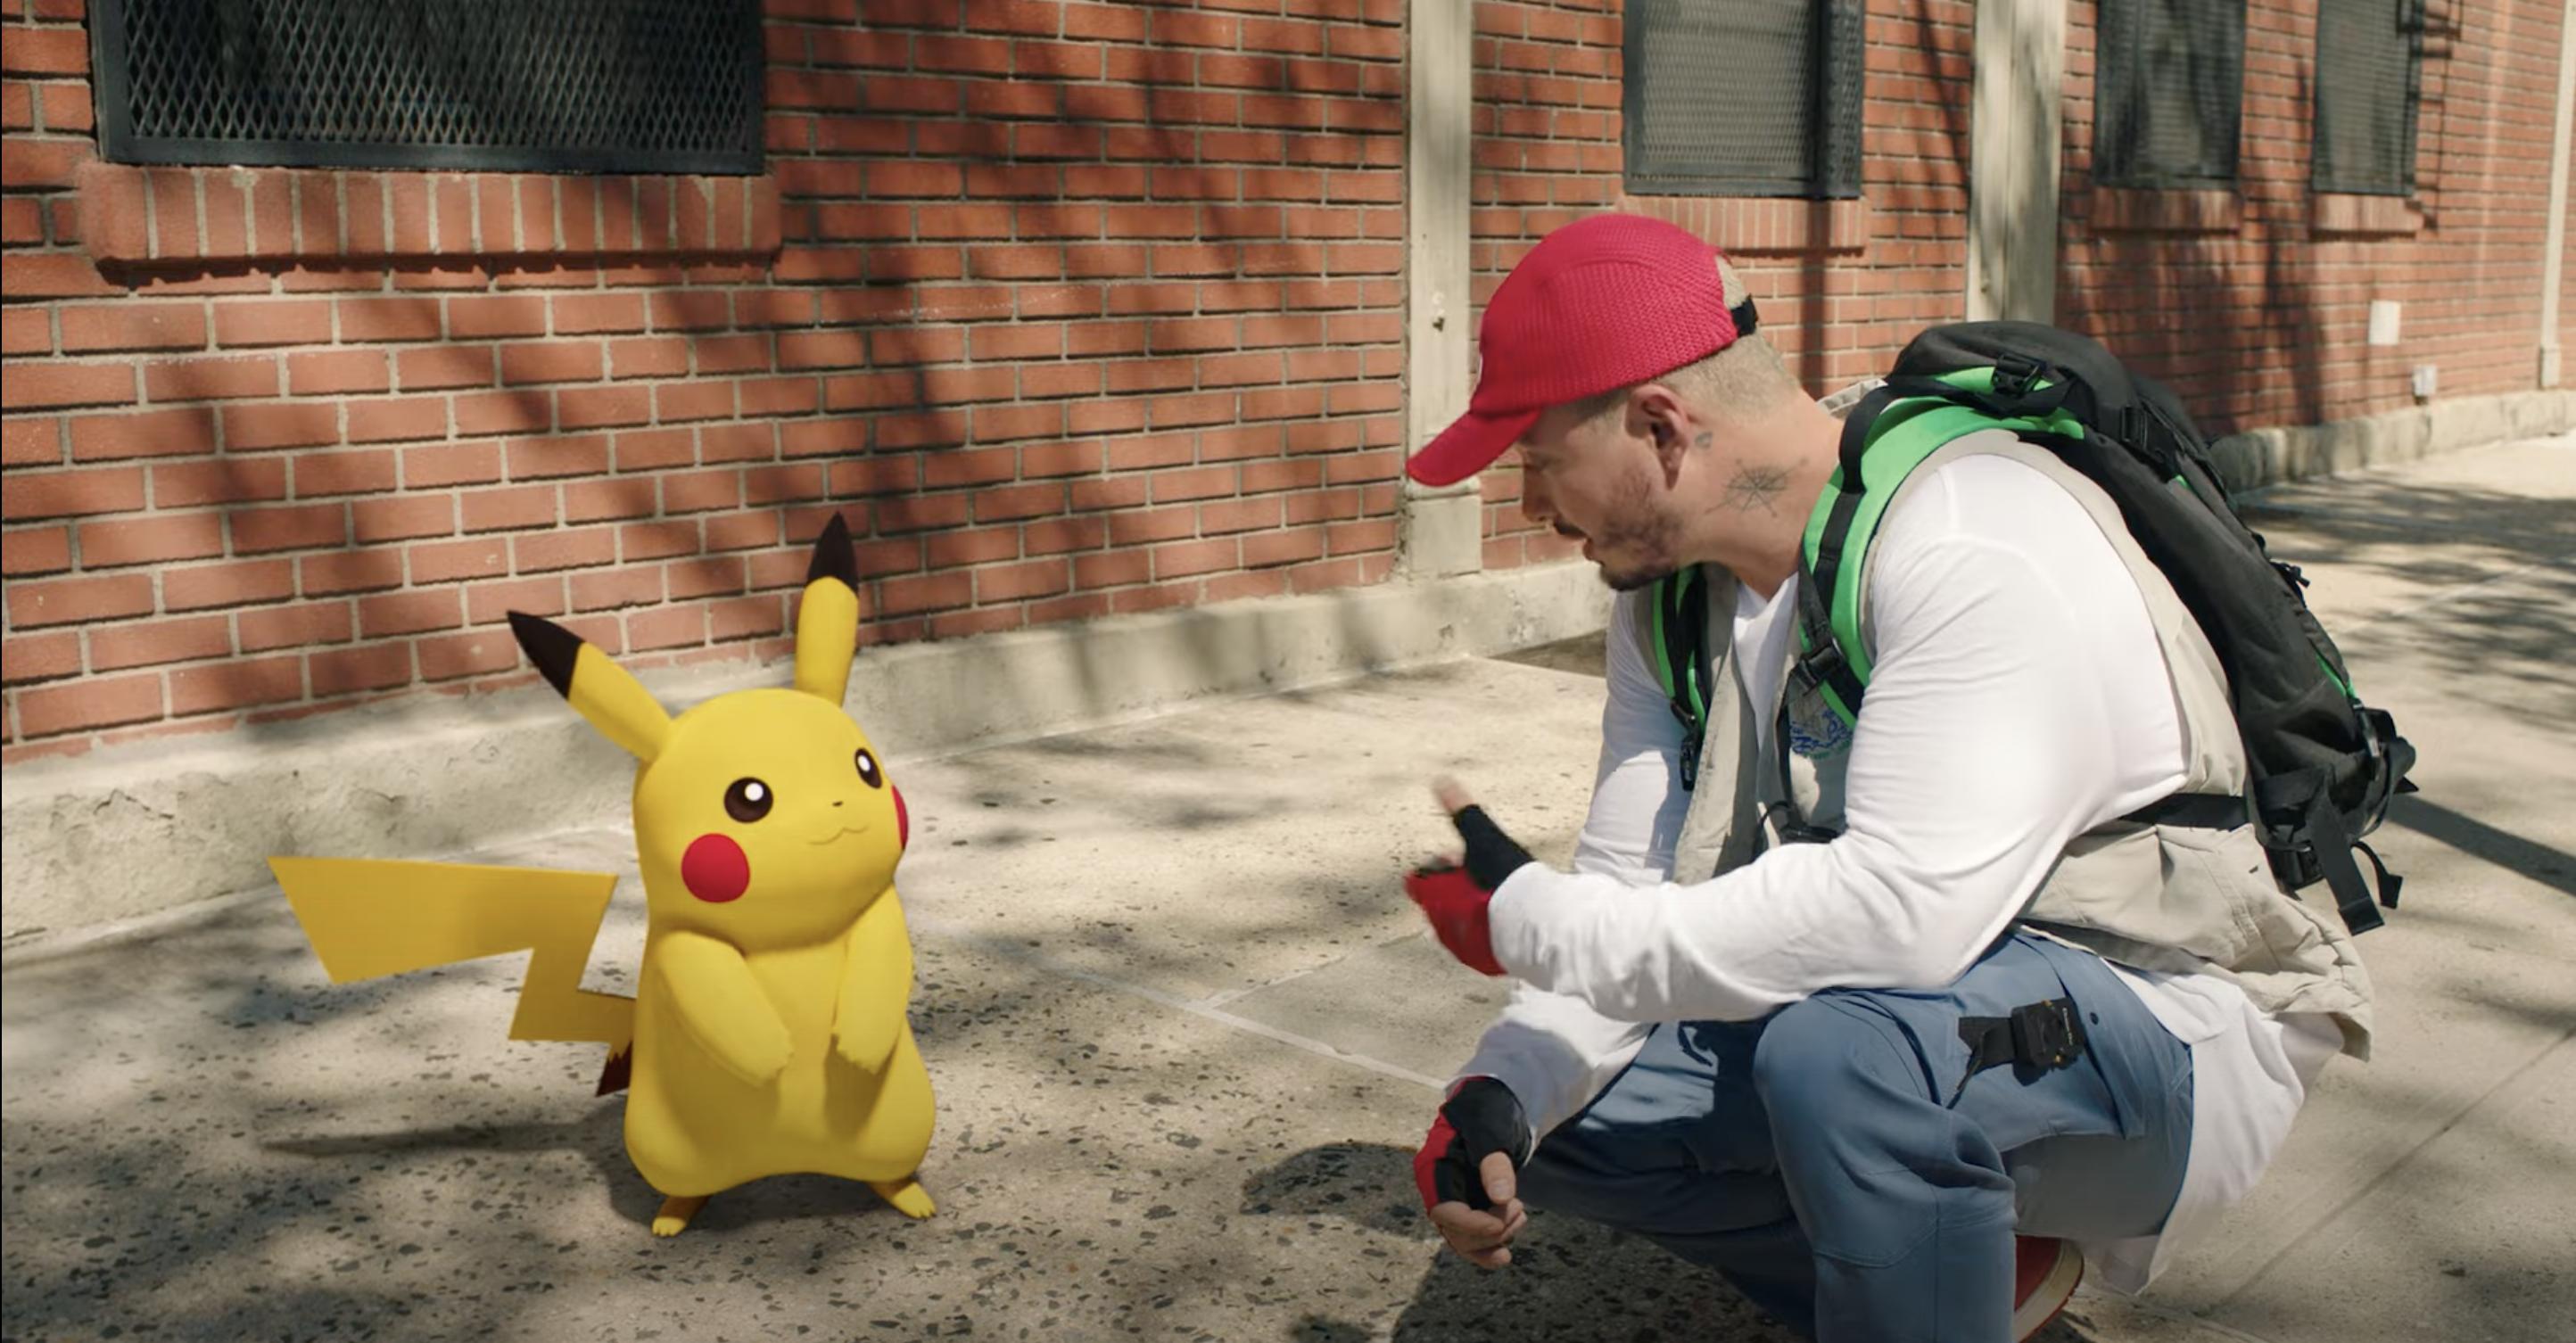 J. Balvin único latino en el álbum del 25 aniversario de Pokemón